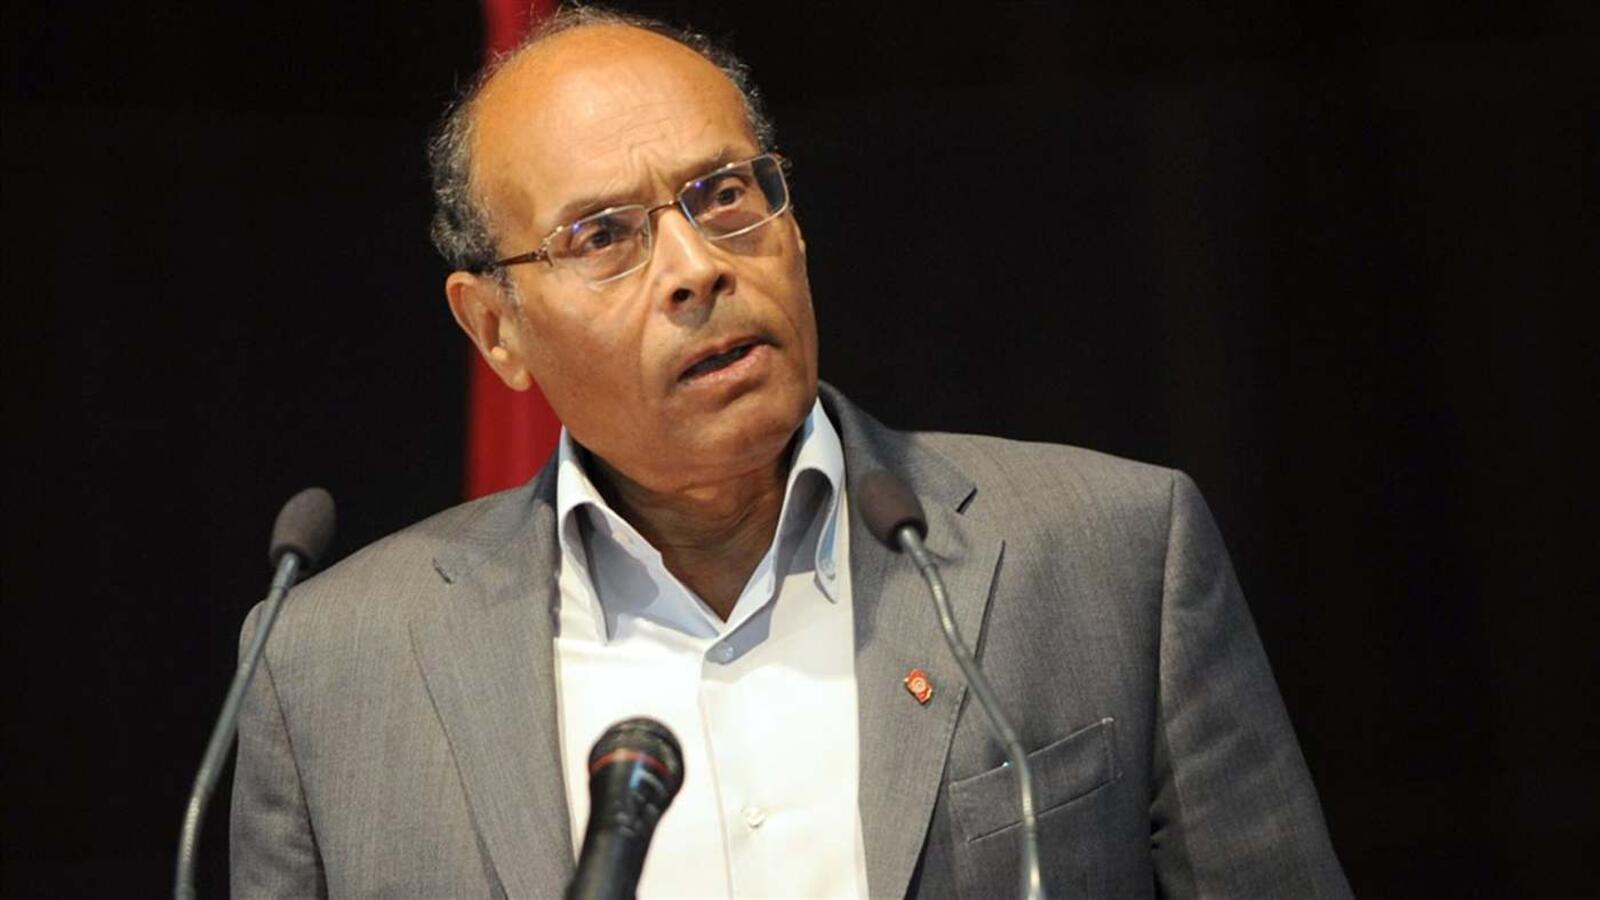 المرزوقي يقر بخسارته في الانتخابات الرئاسية التونسية